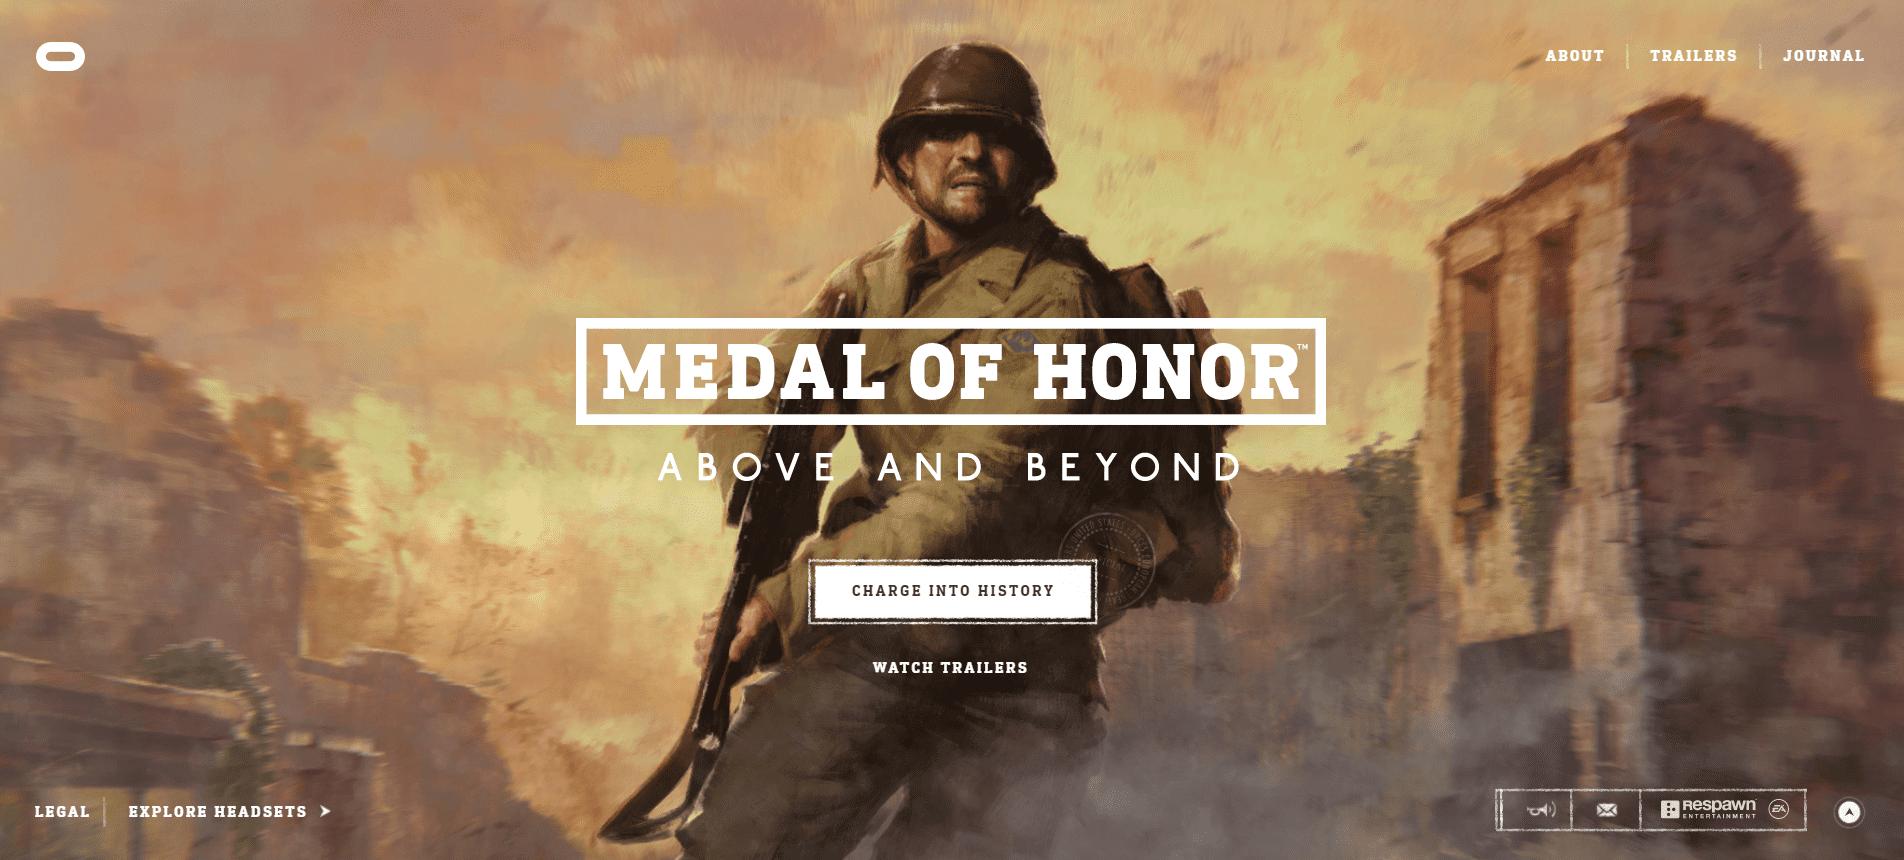 Best Agency Website for Medal of Honor